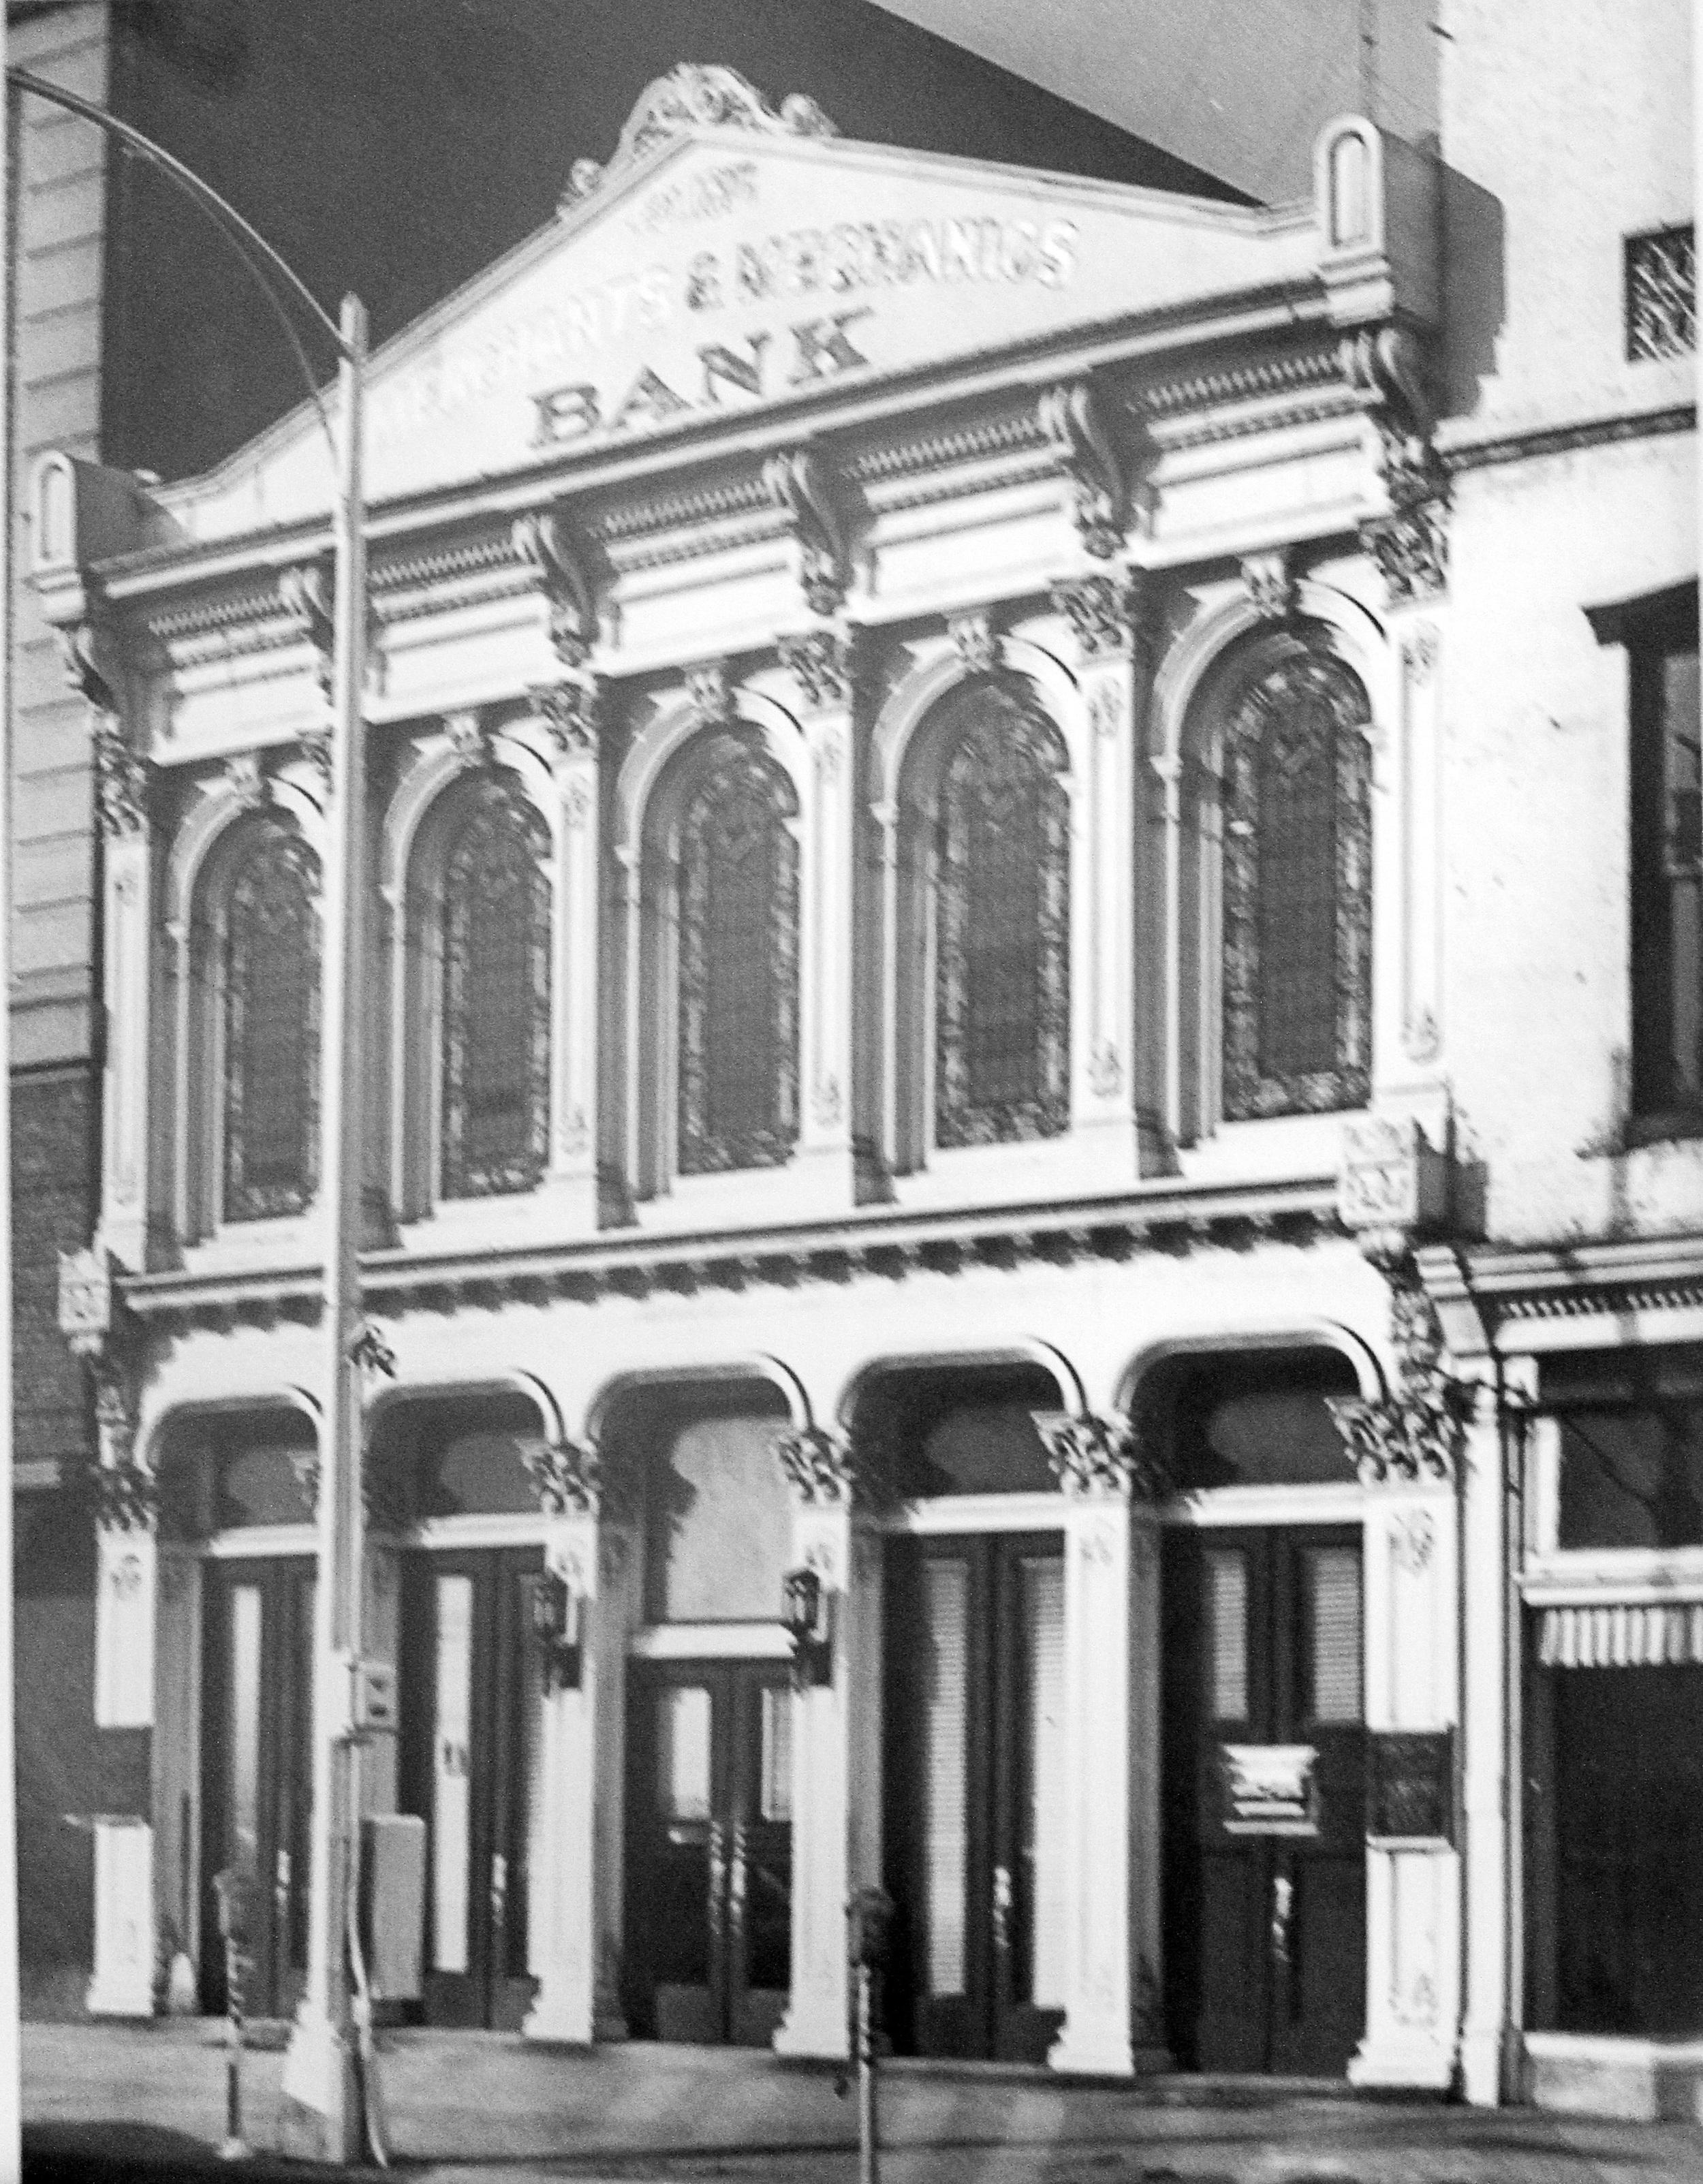 Merchants and Mechanics Bank.